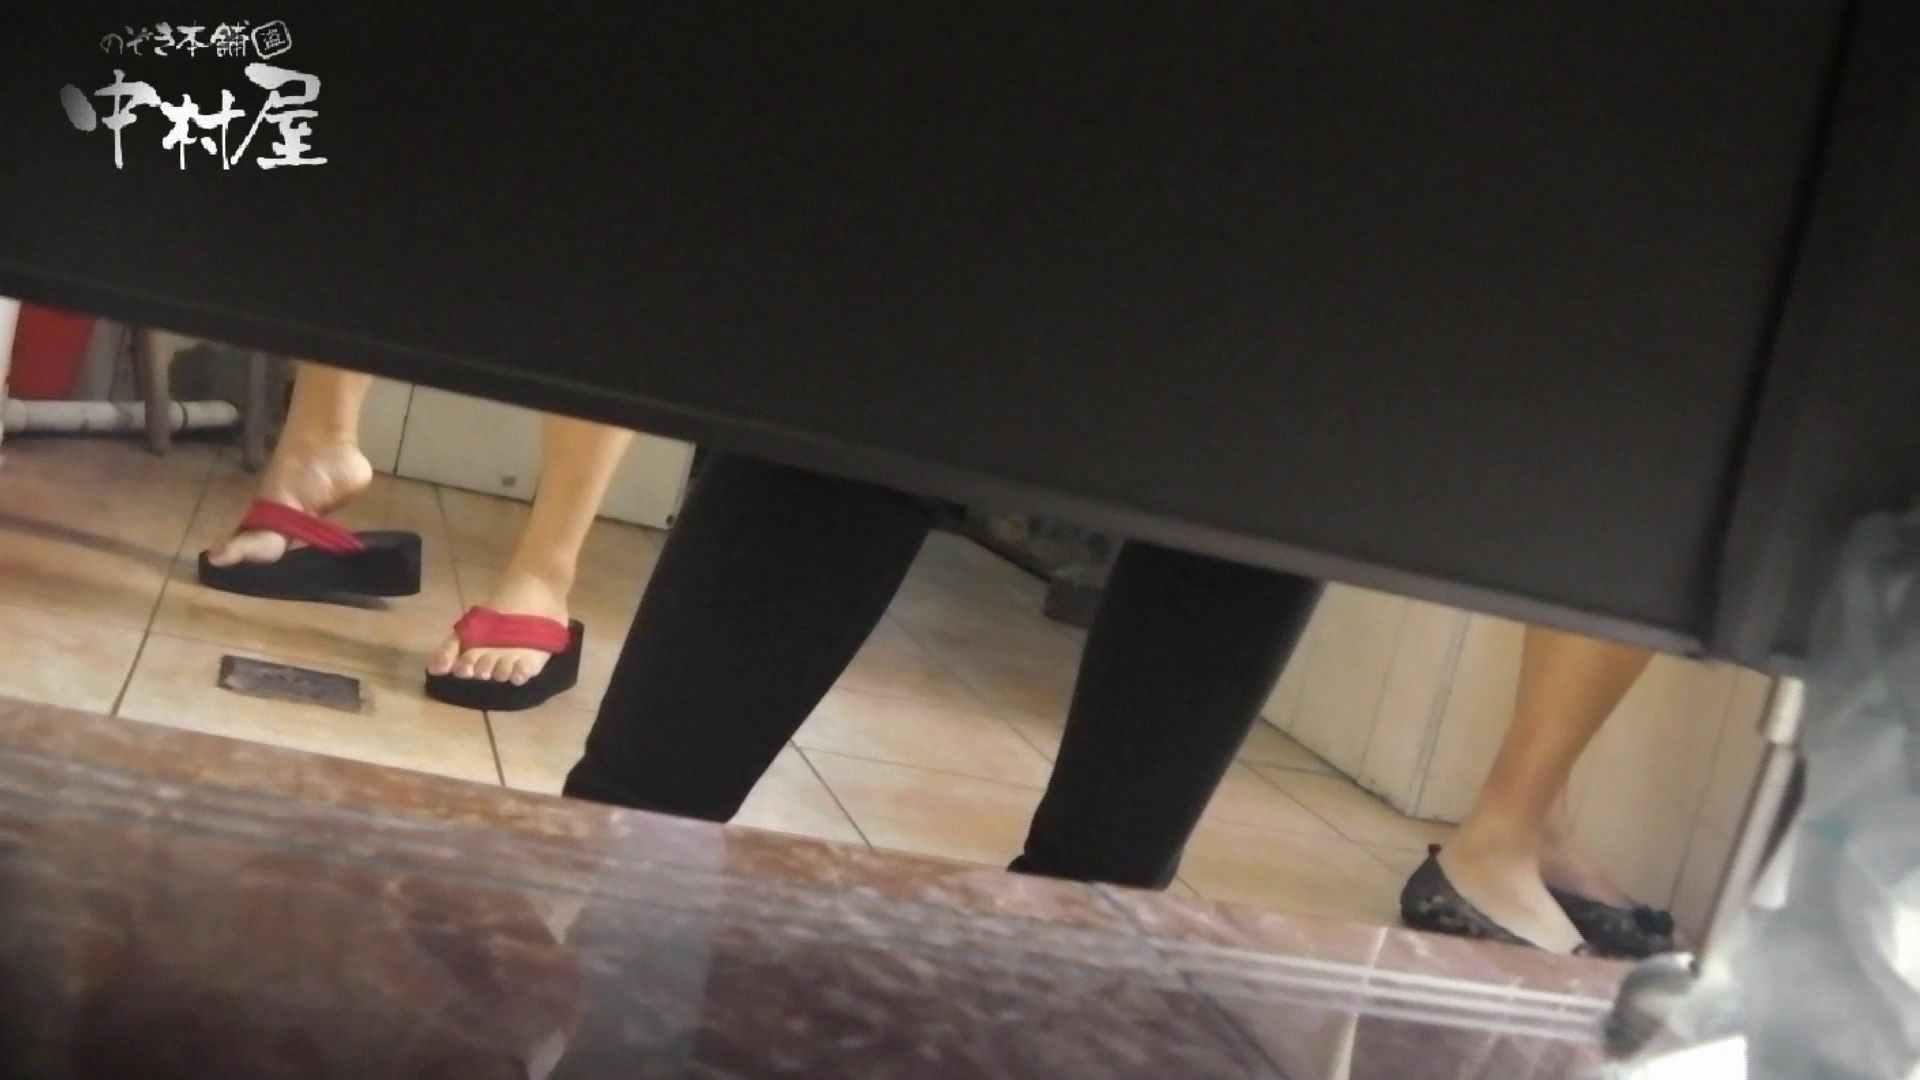 【世界の射窓から~ステーション編~】ステーション編 vol52 我慢して個室に入ったら。||:-)!! OLセックス  51画像 46